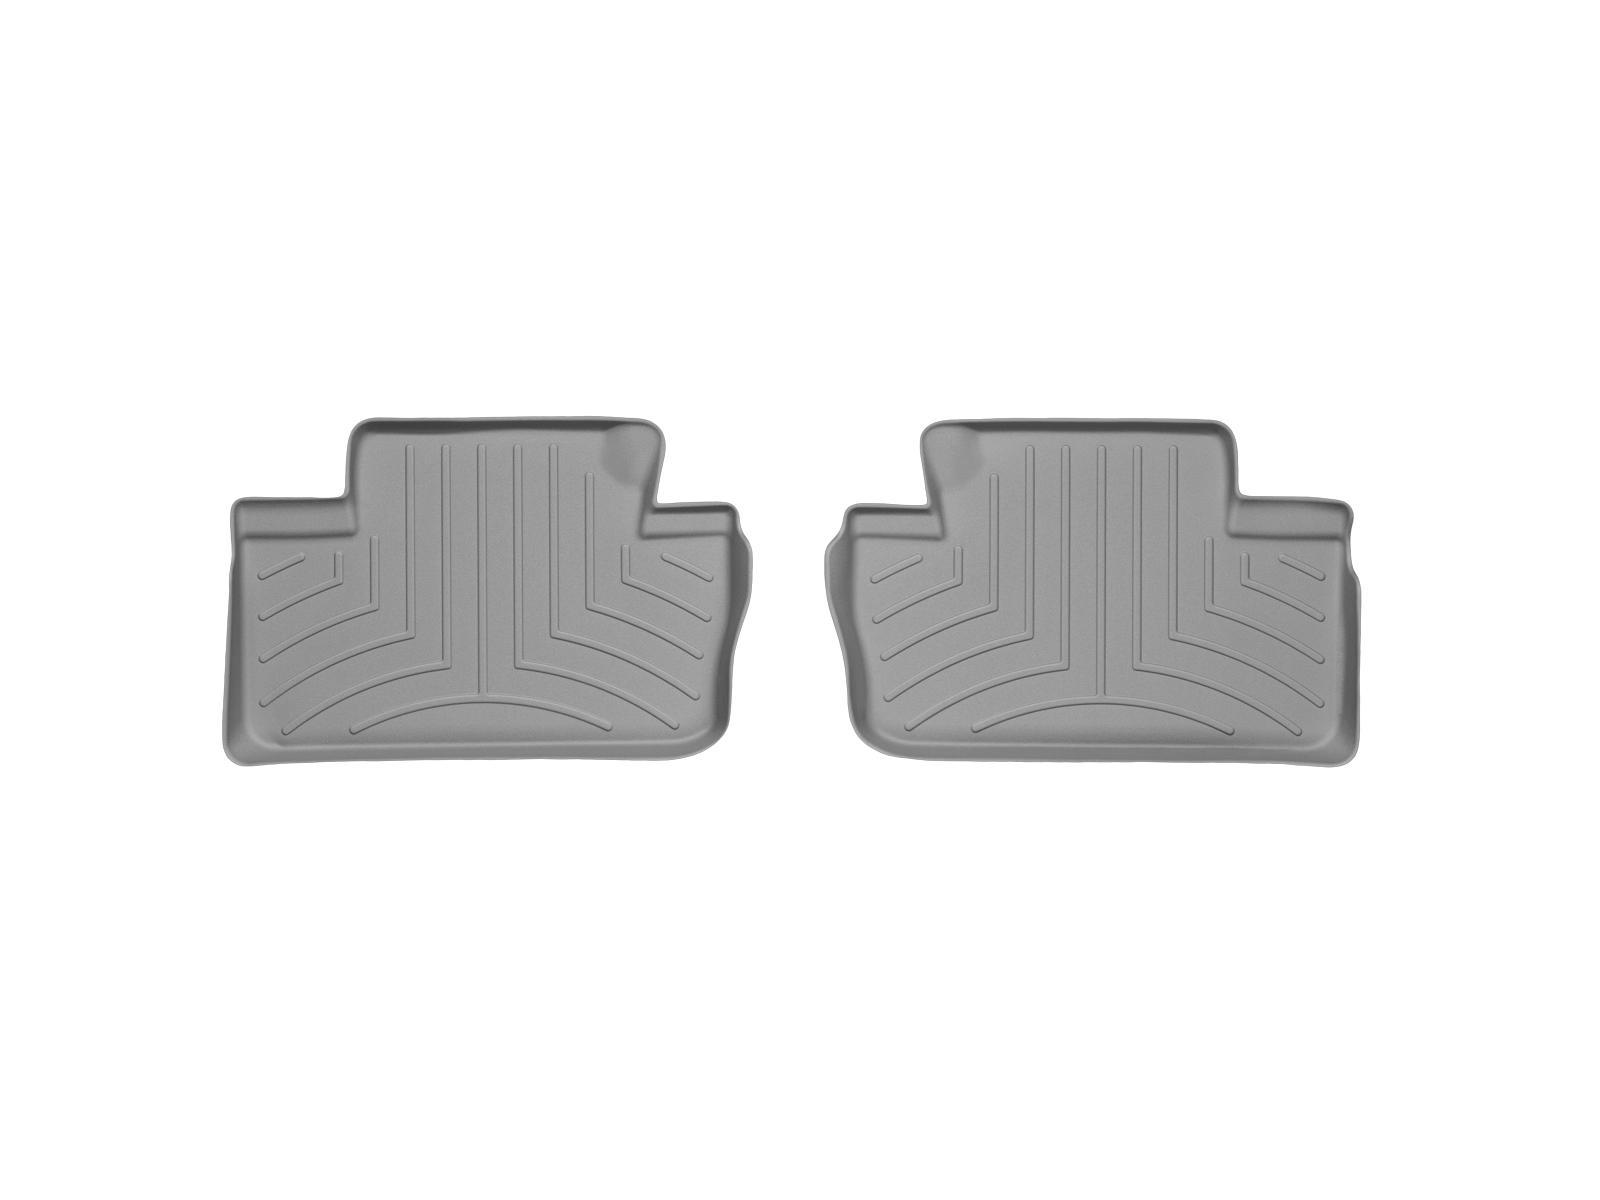 Tappeti gomma su misura bordo alto Lexus IS 13>13 Grigio A2052